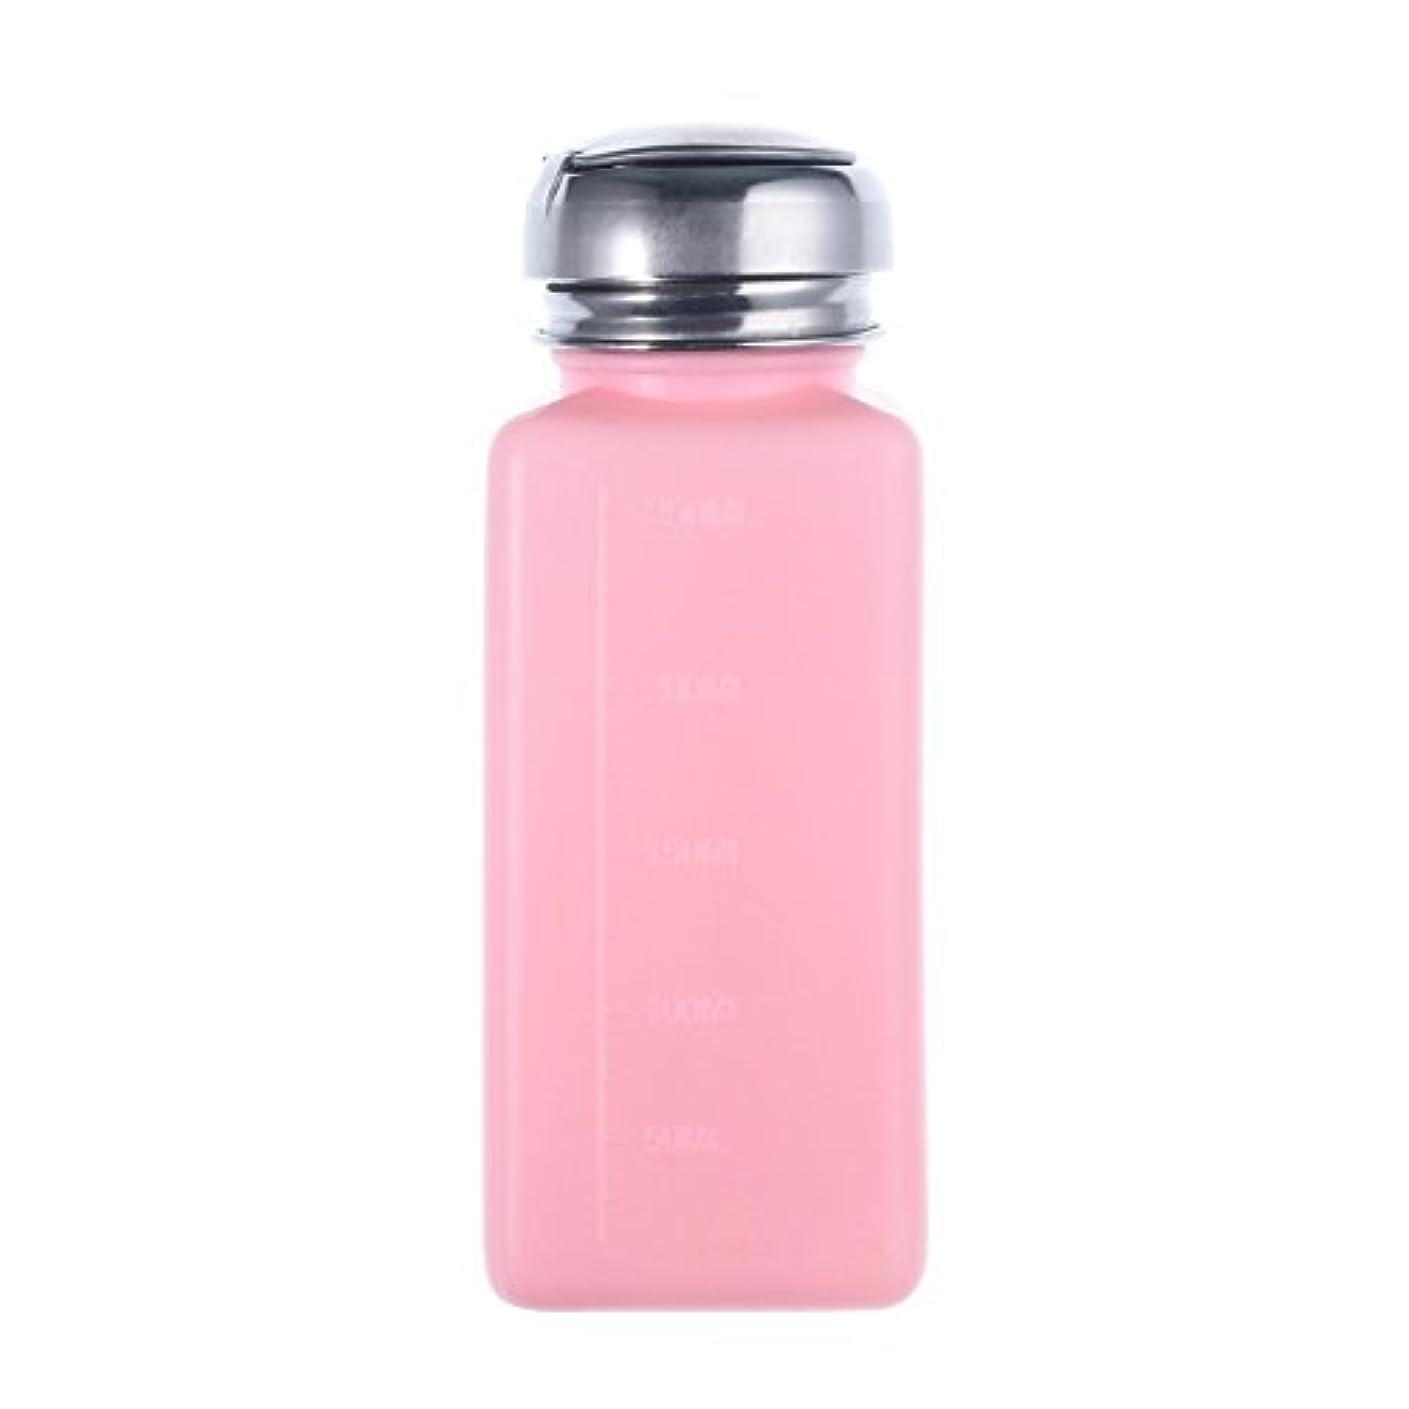 散文入口助けになるCikuso エンプティーポンプディスペンサー ネイルアート研磨リムーバー 200MLボトル用 (ピンク)